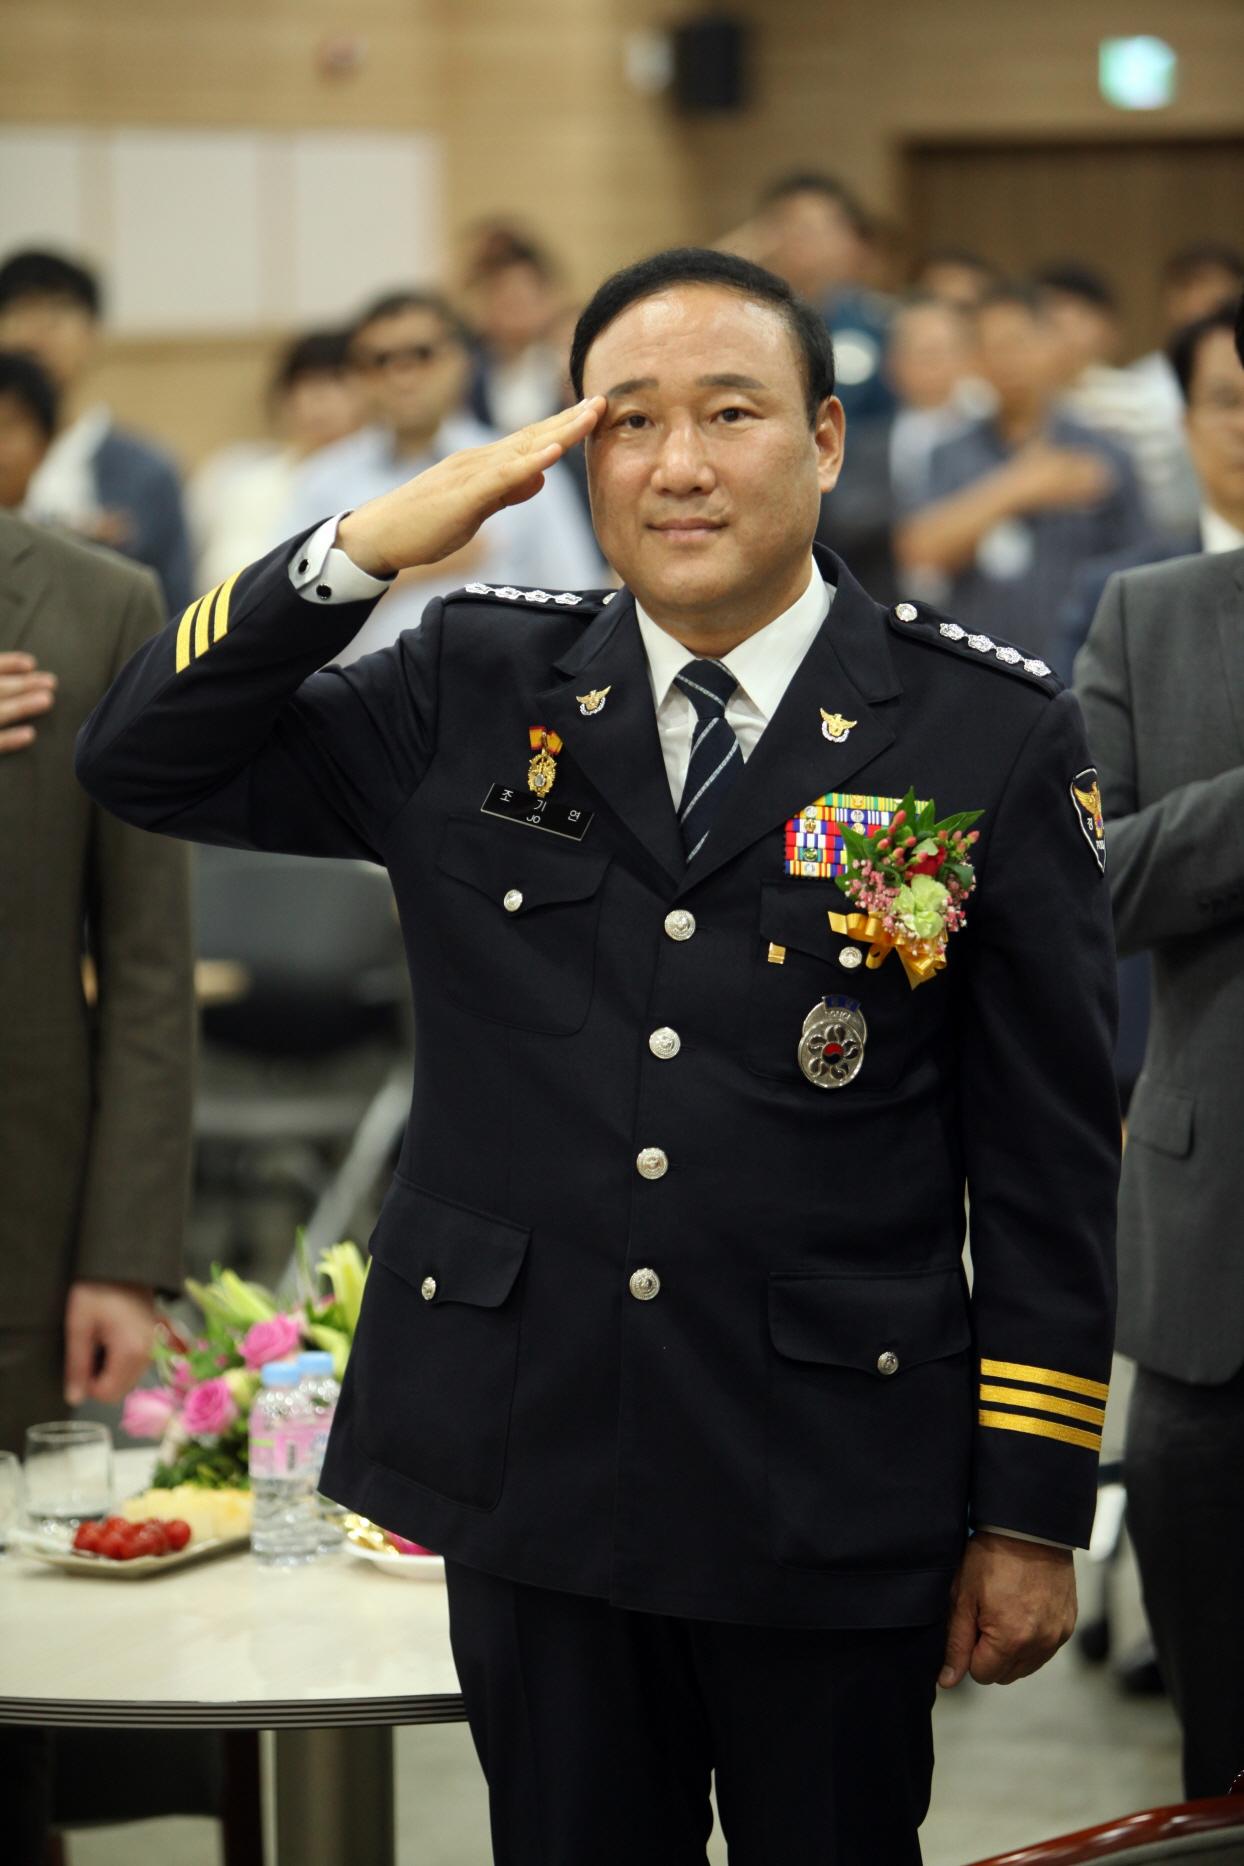 상반기 정년퇴임식 - 조기연 총경(前서천경찰서장)